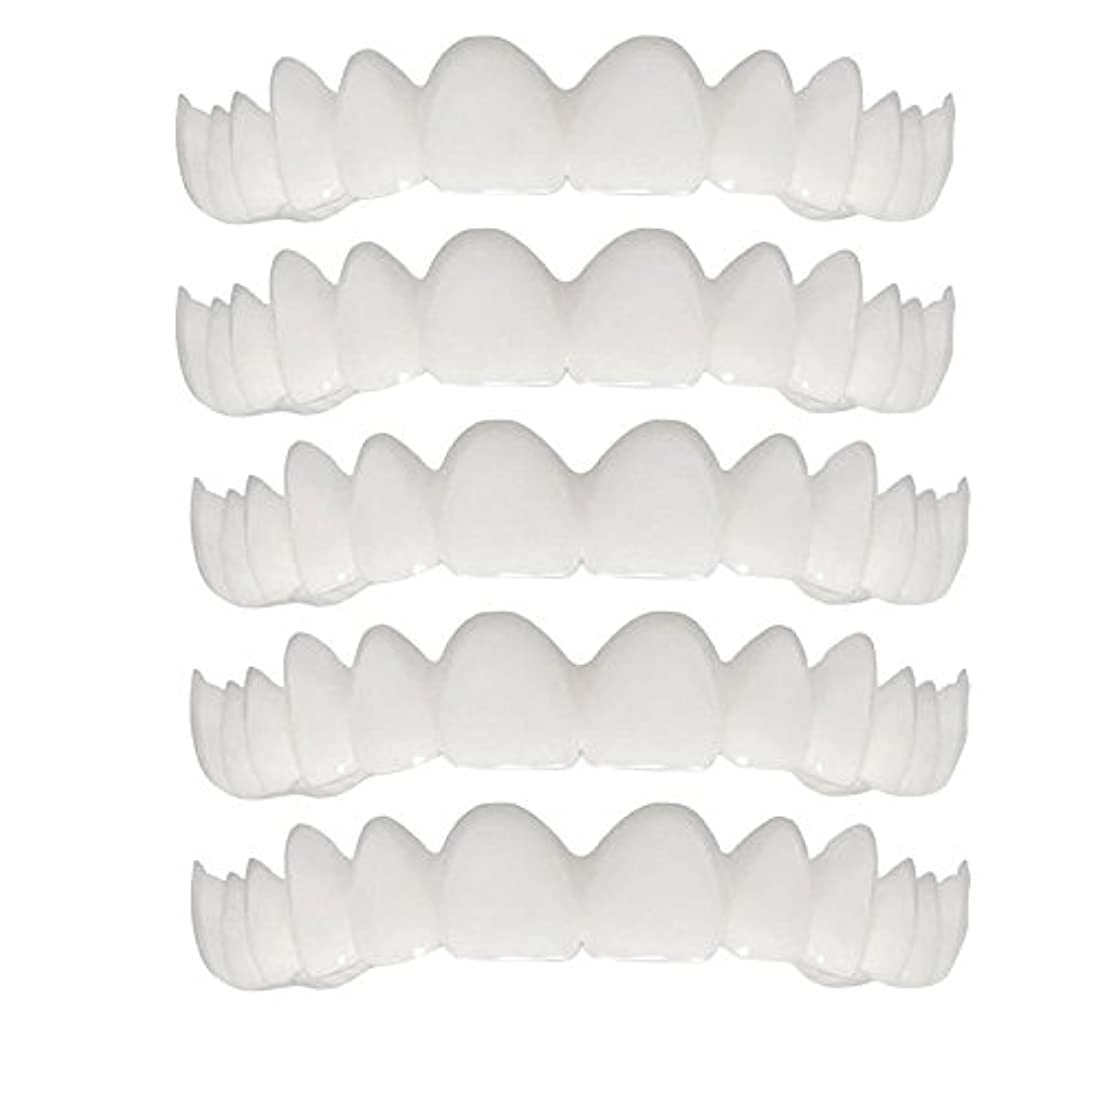 仮定建設線形シリコーンシミュレーション歯ホワイトニングブレース(5個),A